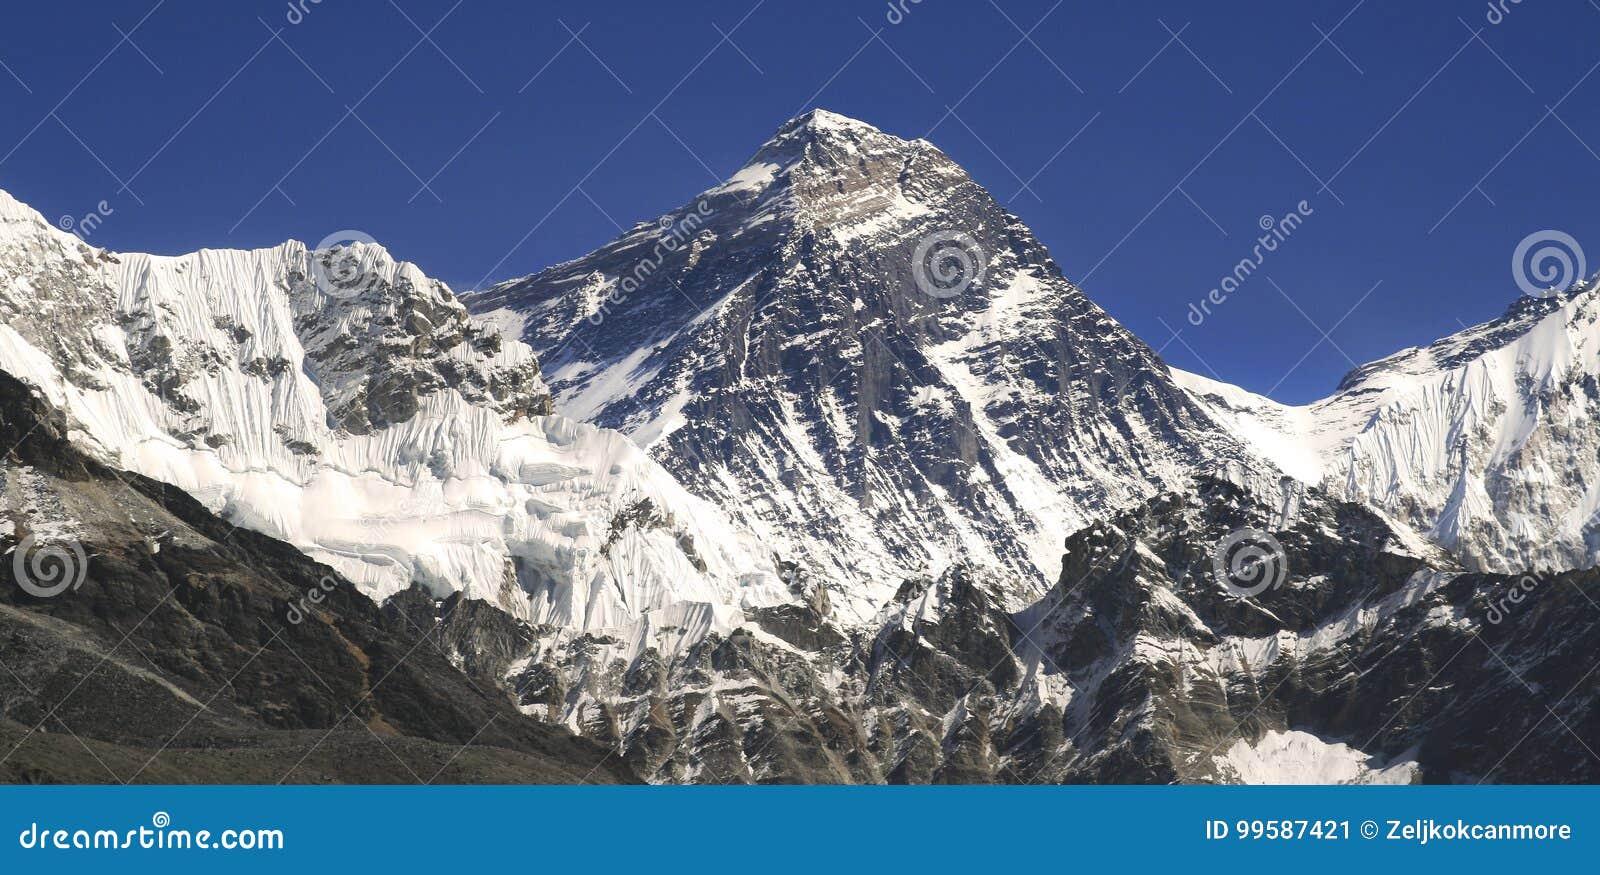 El monte Everest y Hillary Step en las montañas de Himalaya